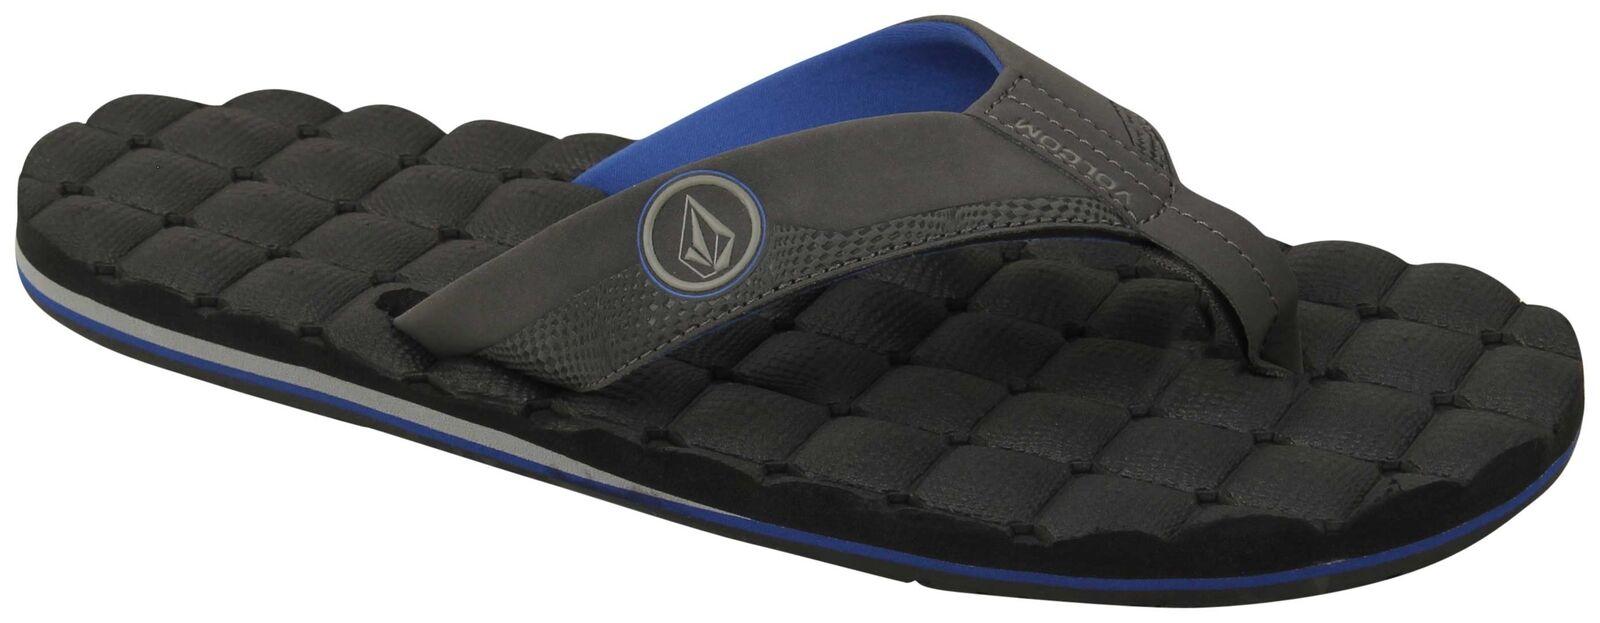 Volcom Recliner Sandal - bluee Combo - New